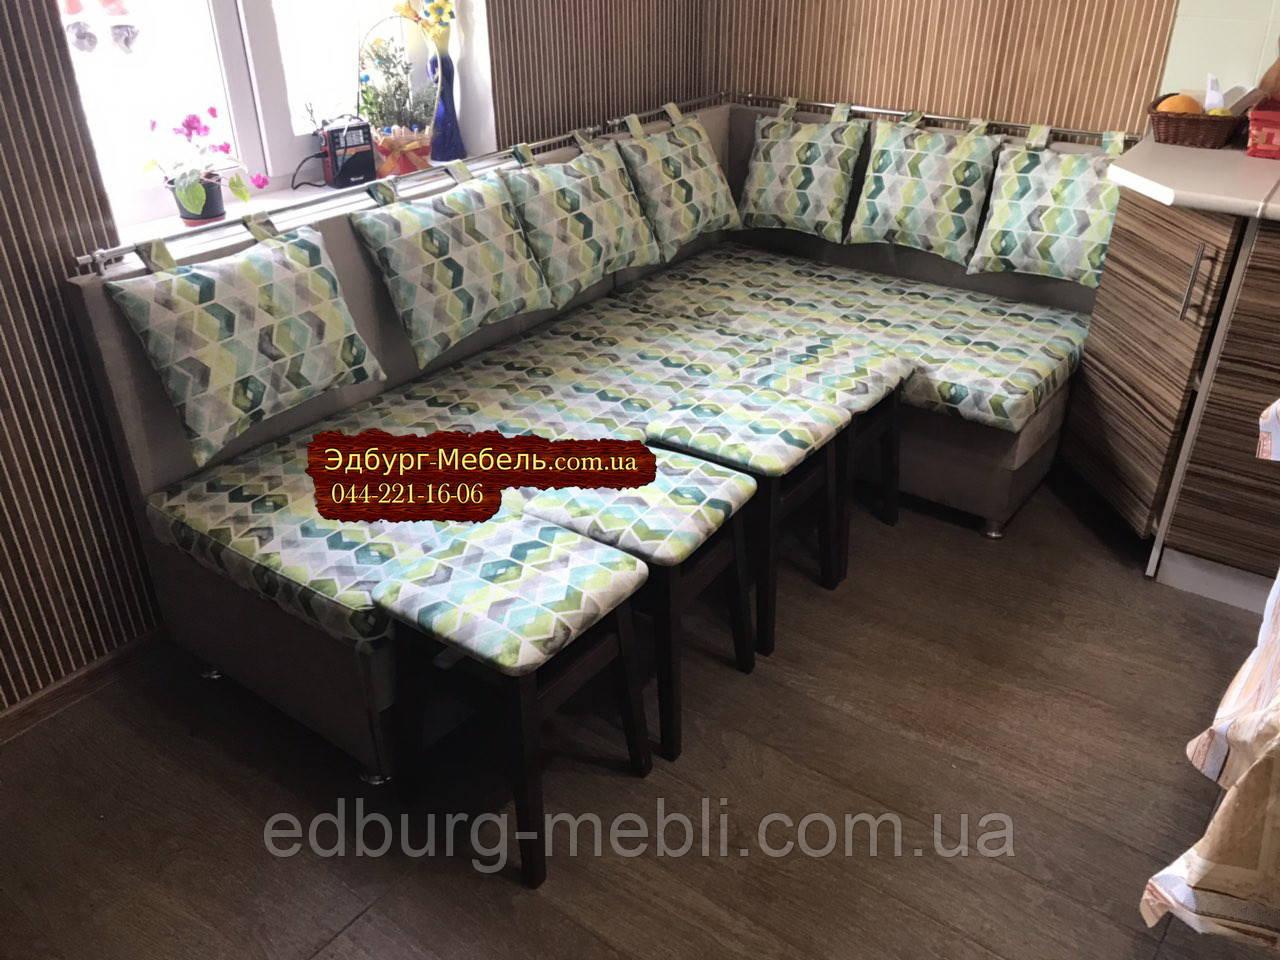 Кухонний куточок зі спальним місцем і табуретами